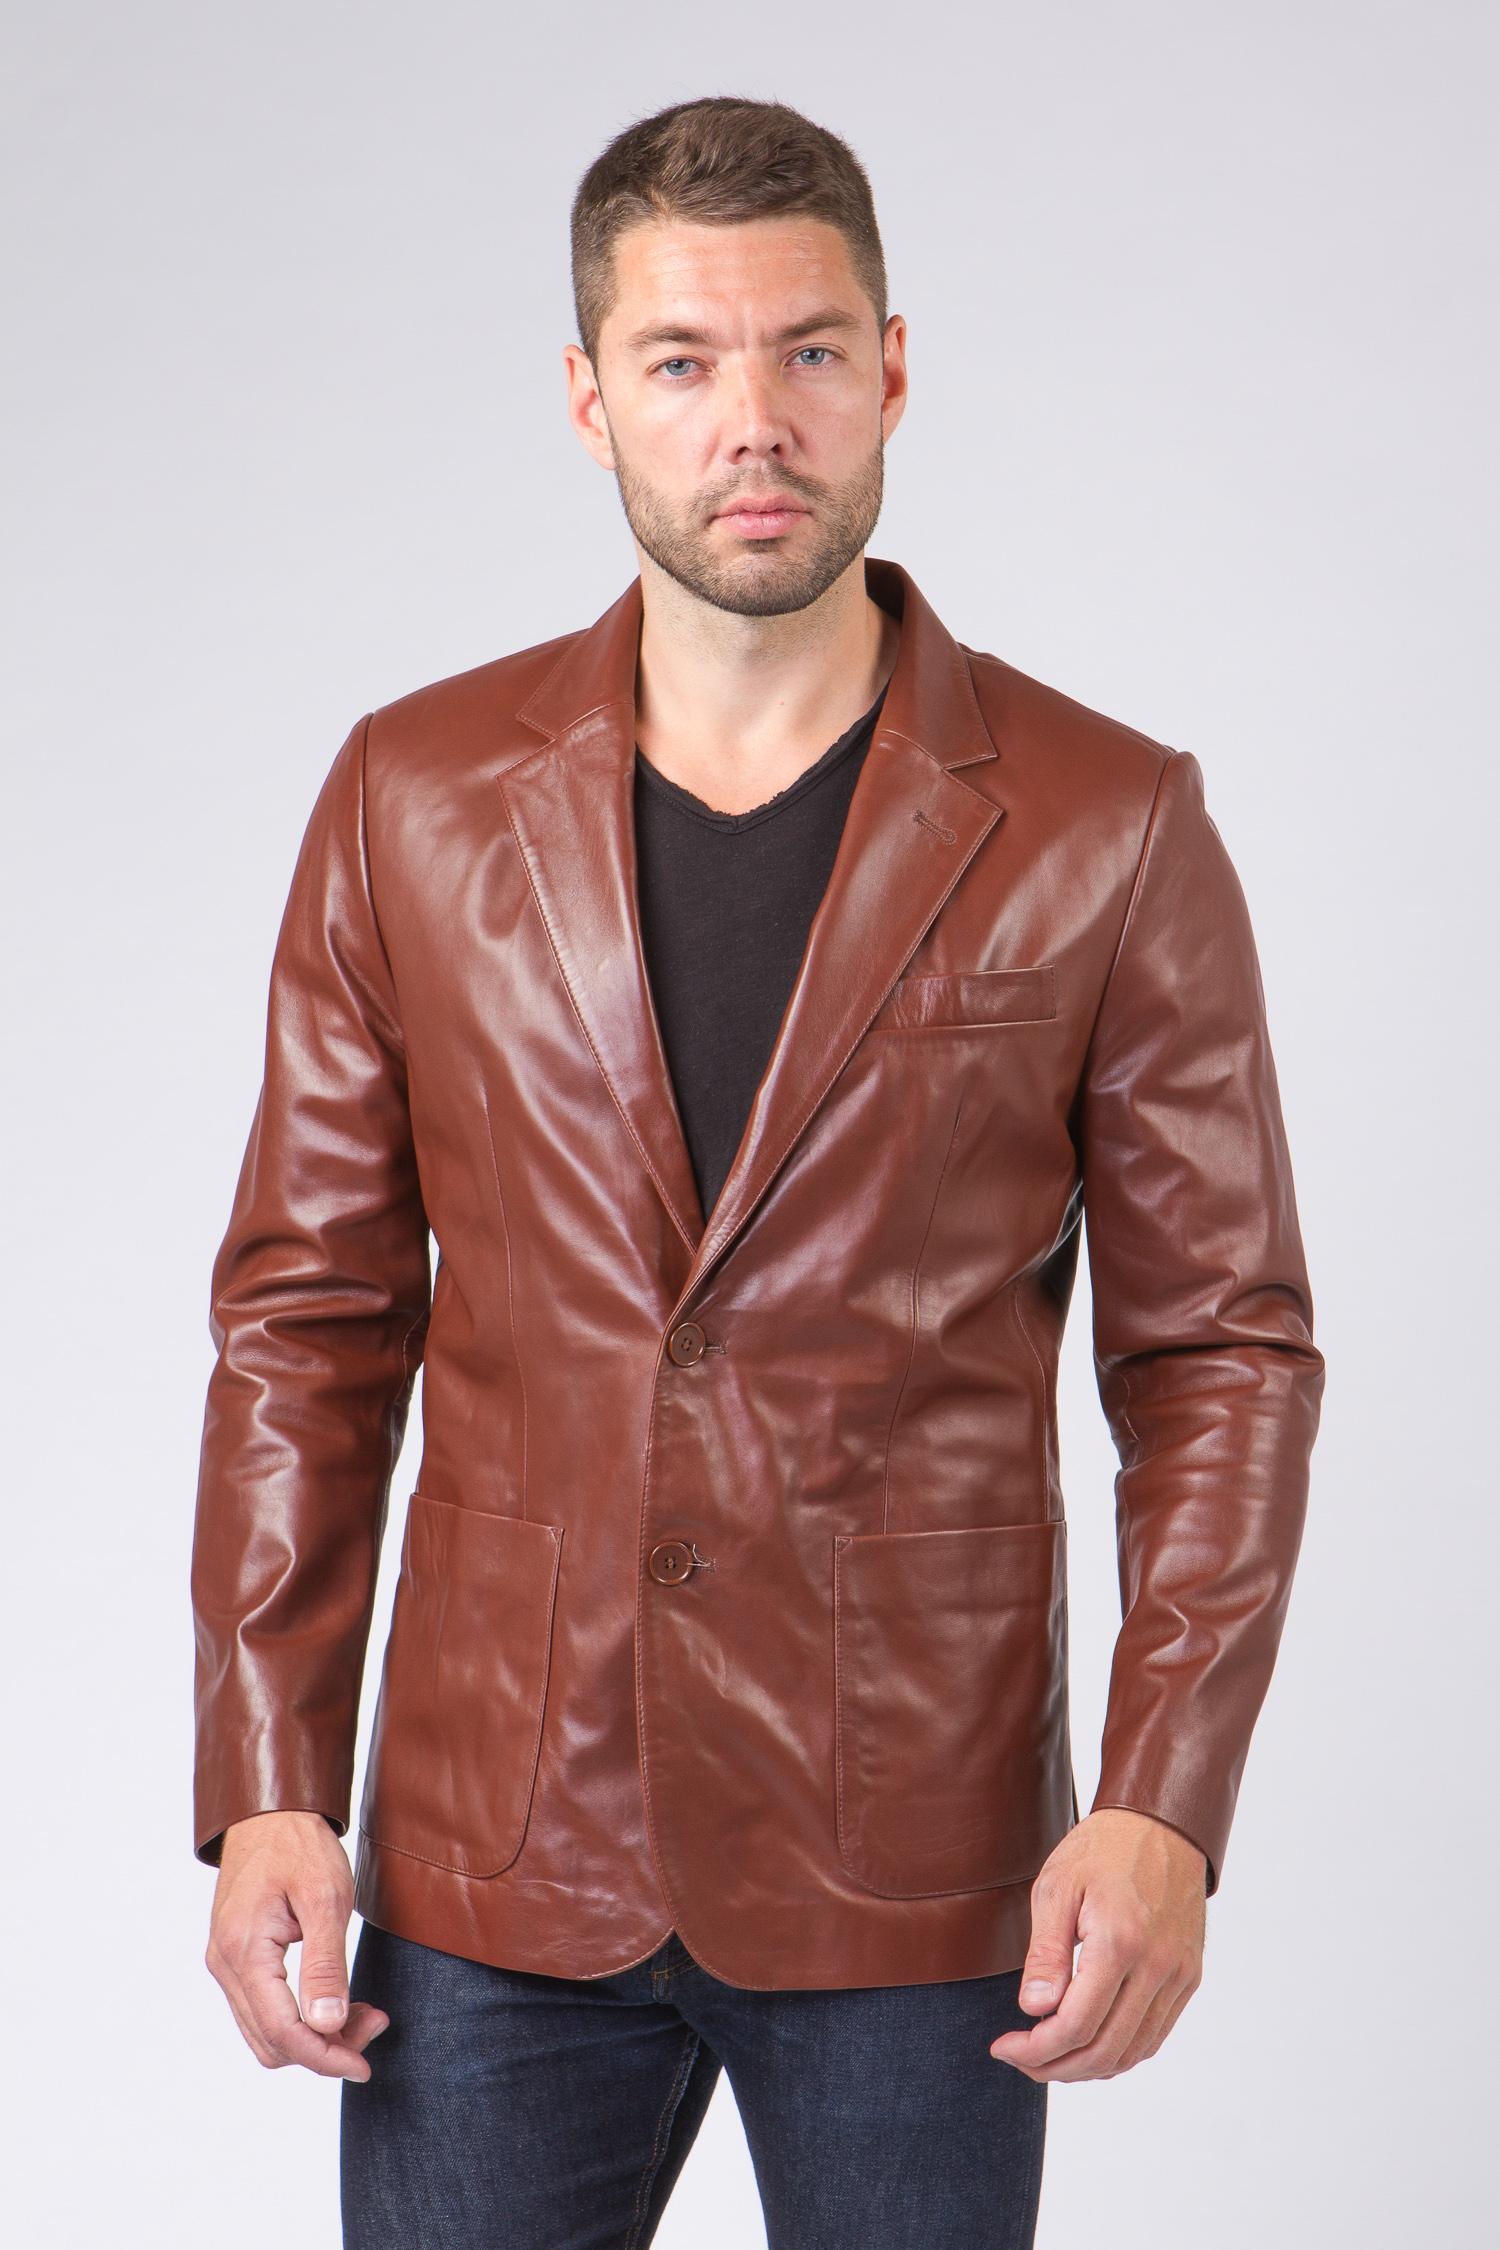 Мужская кожаная куртка из натуральной кожи с воротником, без отделки<br><br>Воротник: английский<br>Длина см: Короткая (51-74 )<br>Материал: Кожа овчина<br>Цвет: коричневый<br>Вид застежки: центральная<br>Застежка: на пуговицы<br>Пол: Мужской<br>Размер RU: 46